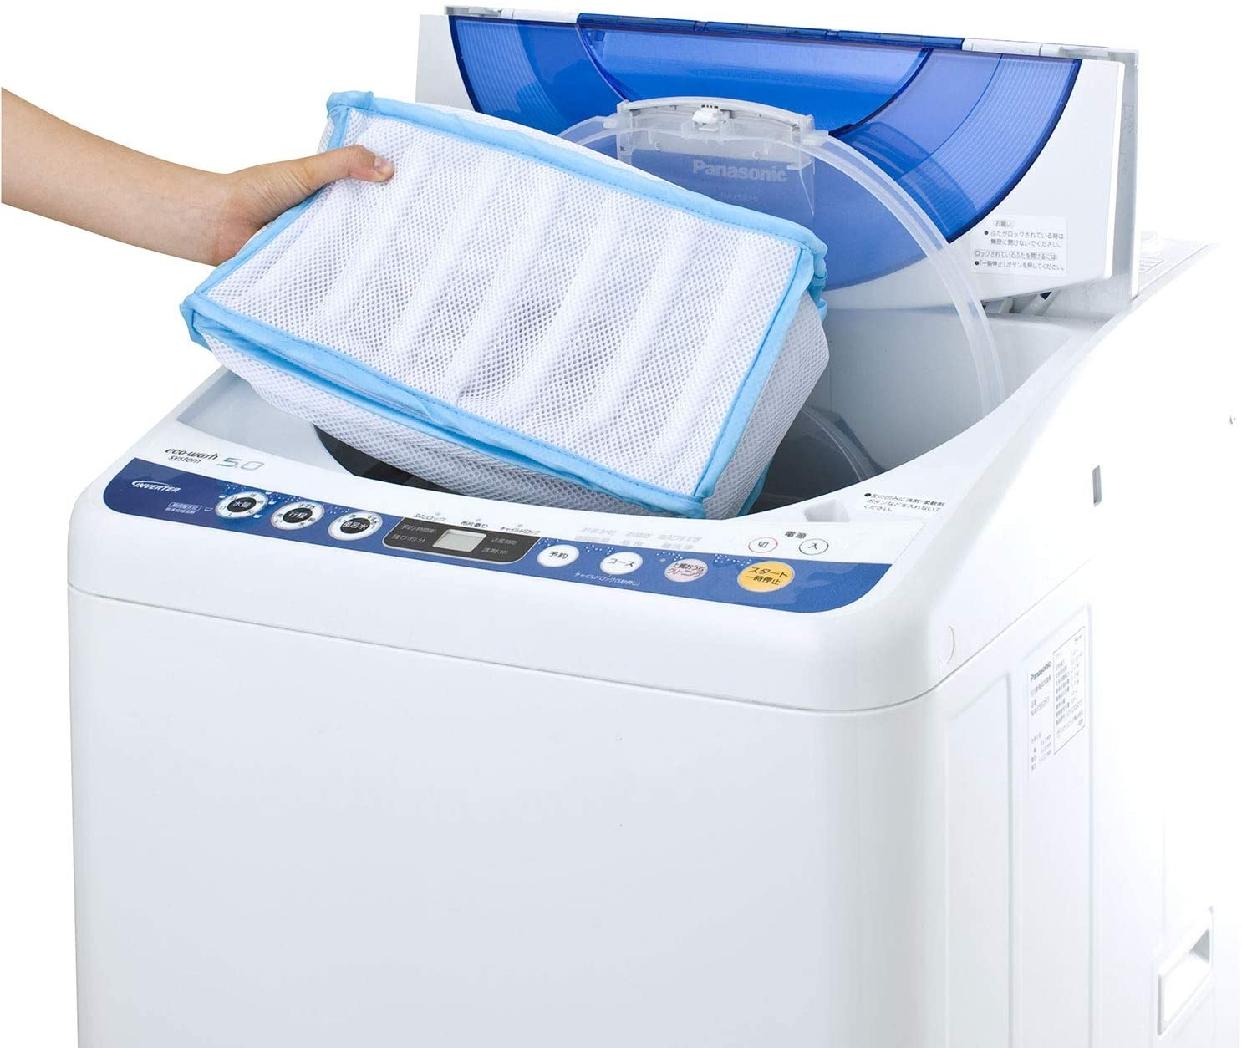 FINE(ファイン) シューズ洗濯ネットの商品画像4